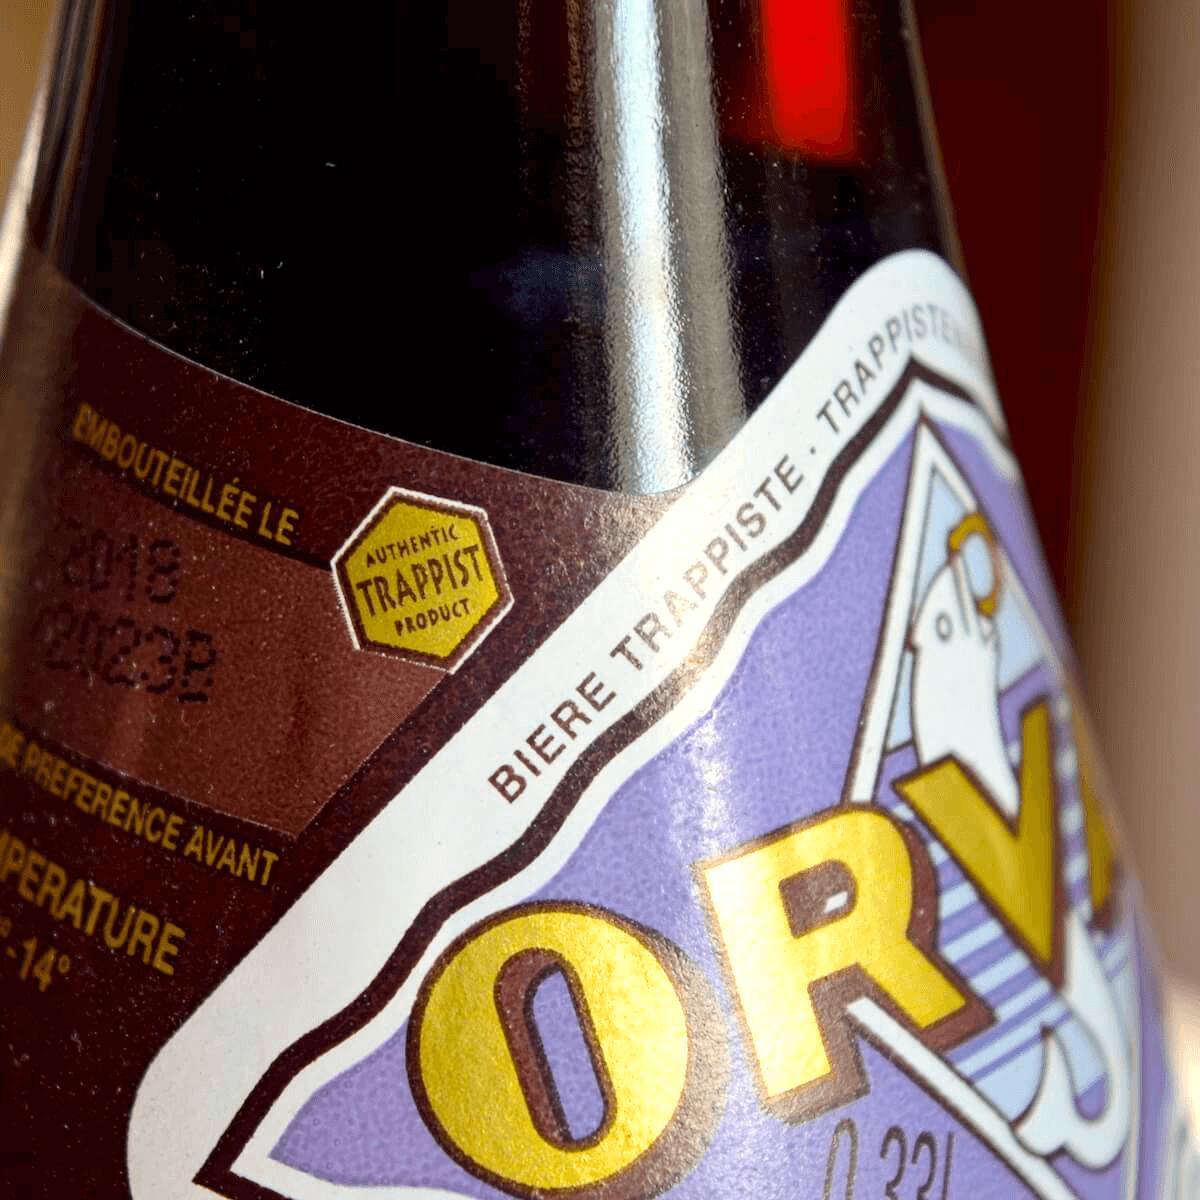 Le logo «Authentic Trappist Product» présent sur la bouteille garantit, entre autres, que la bière est bien brassée au sein de l'abbaye, et sous le contrôle de ses moines